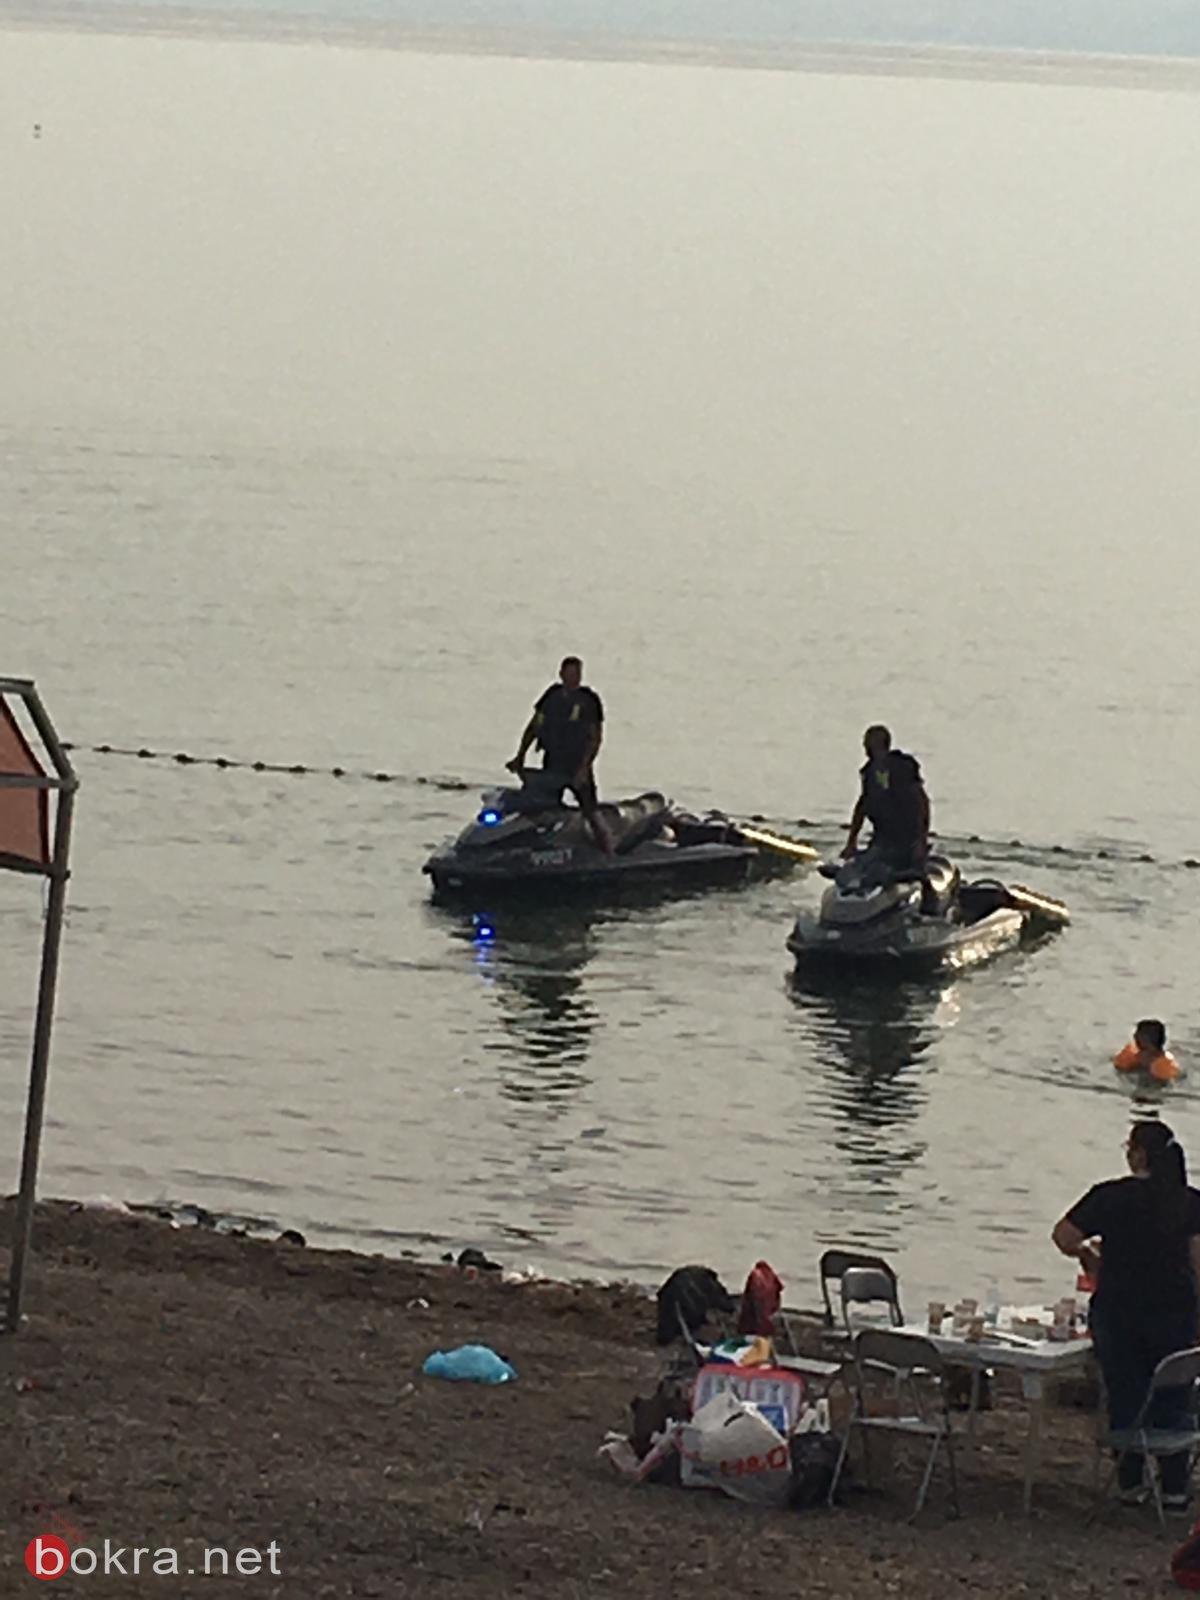 اكرم اسدي دير الاسد ينقذ اربعة اولاد من القدس في بحيرة طبريا